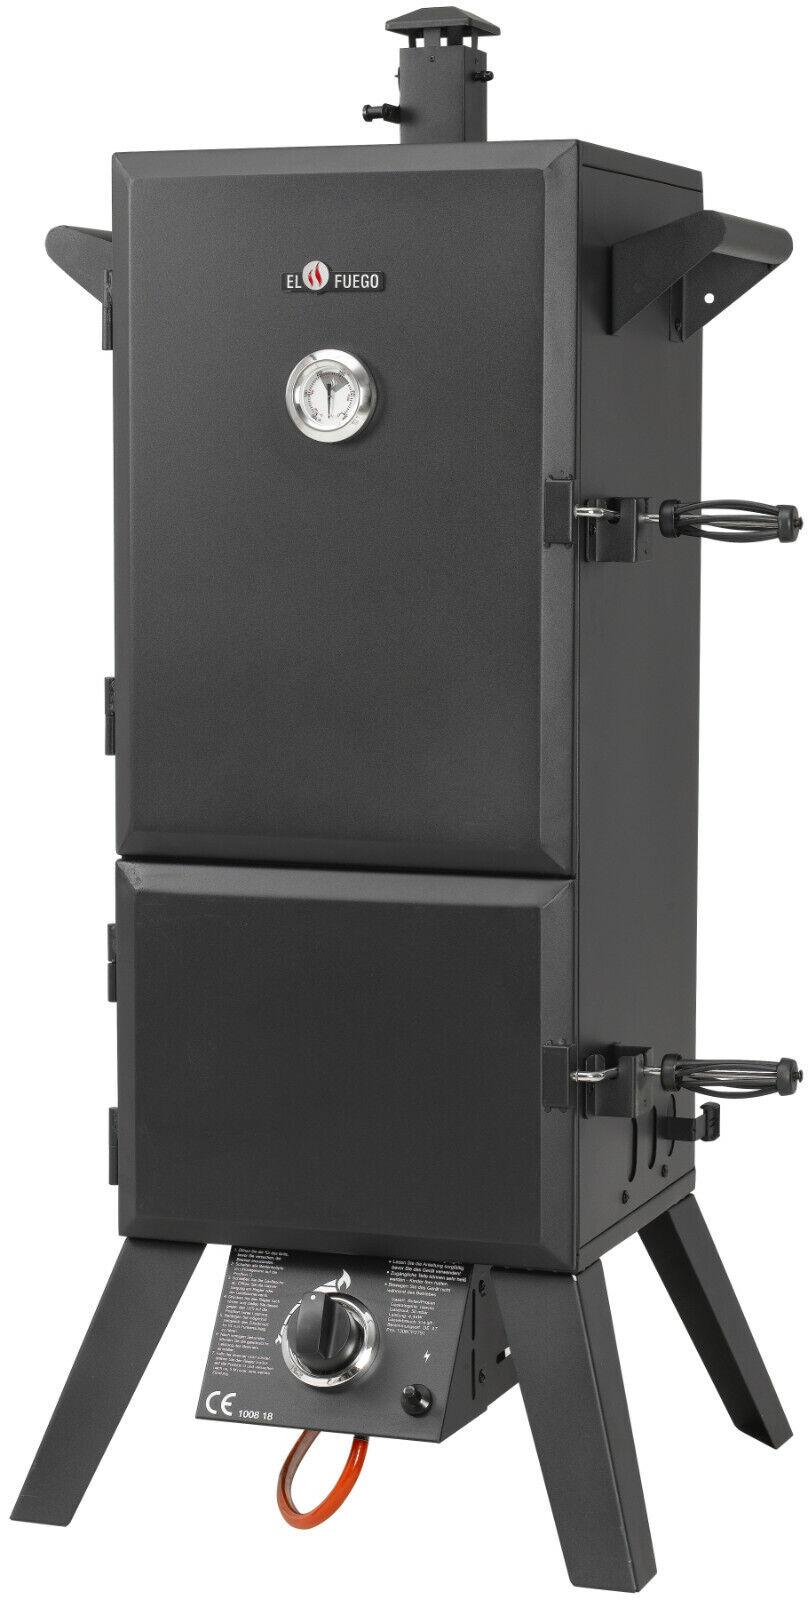 Neu El Fuego® AY 3172 Gasgrill Portland XL, Smoker Räucherturm